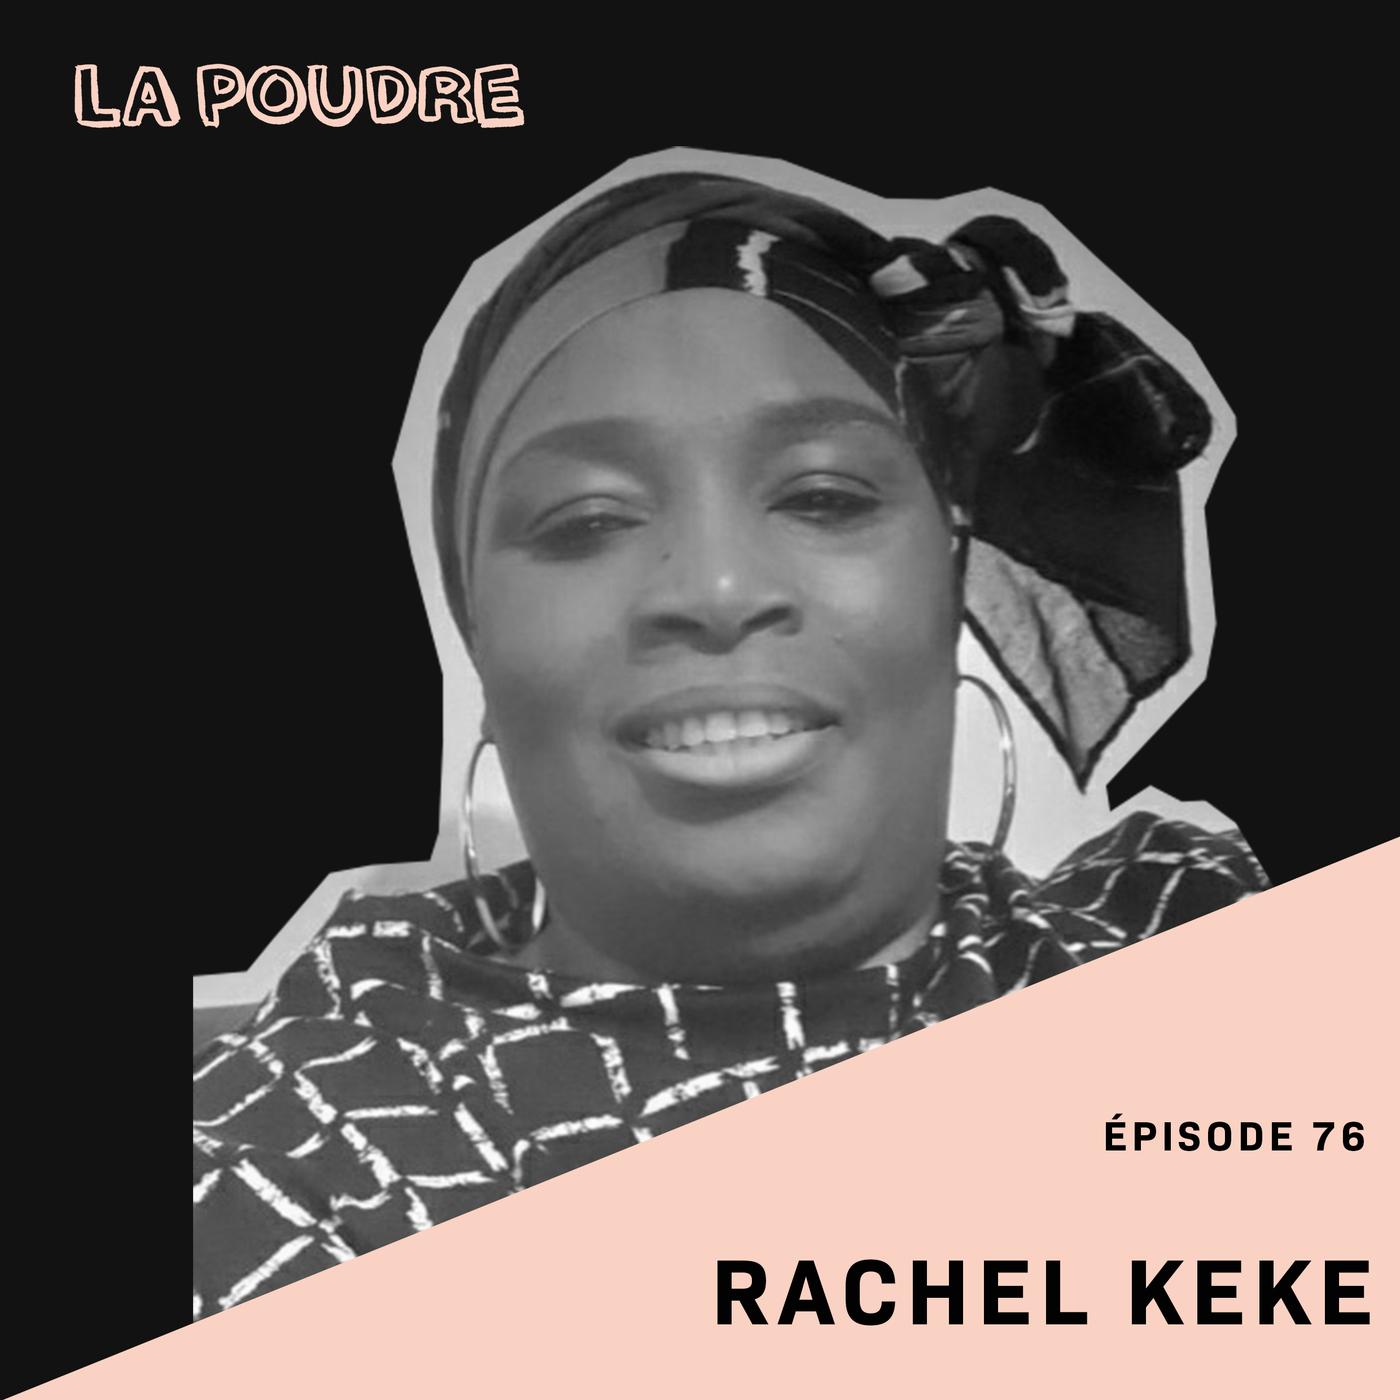 Épisode 76 - Rachel Keke